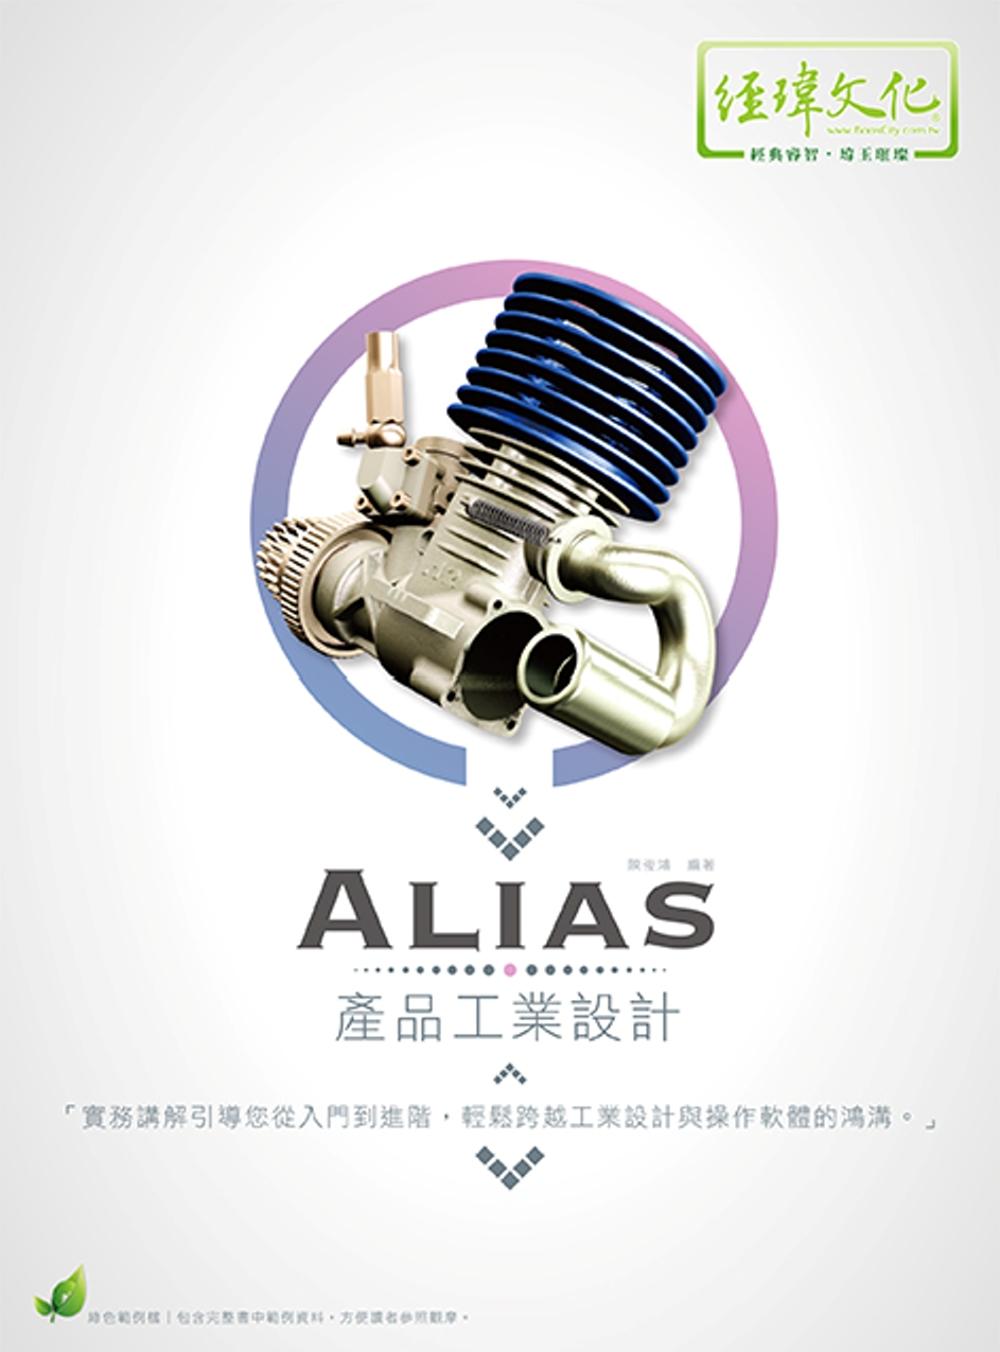 Alias 產品工業設計(附綠色範例檔)